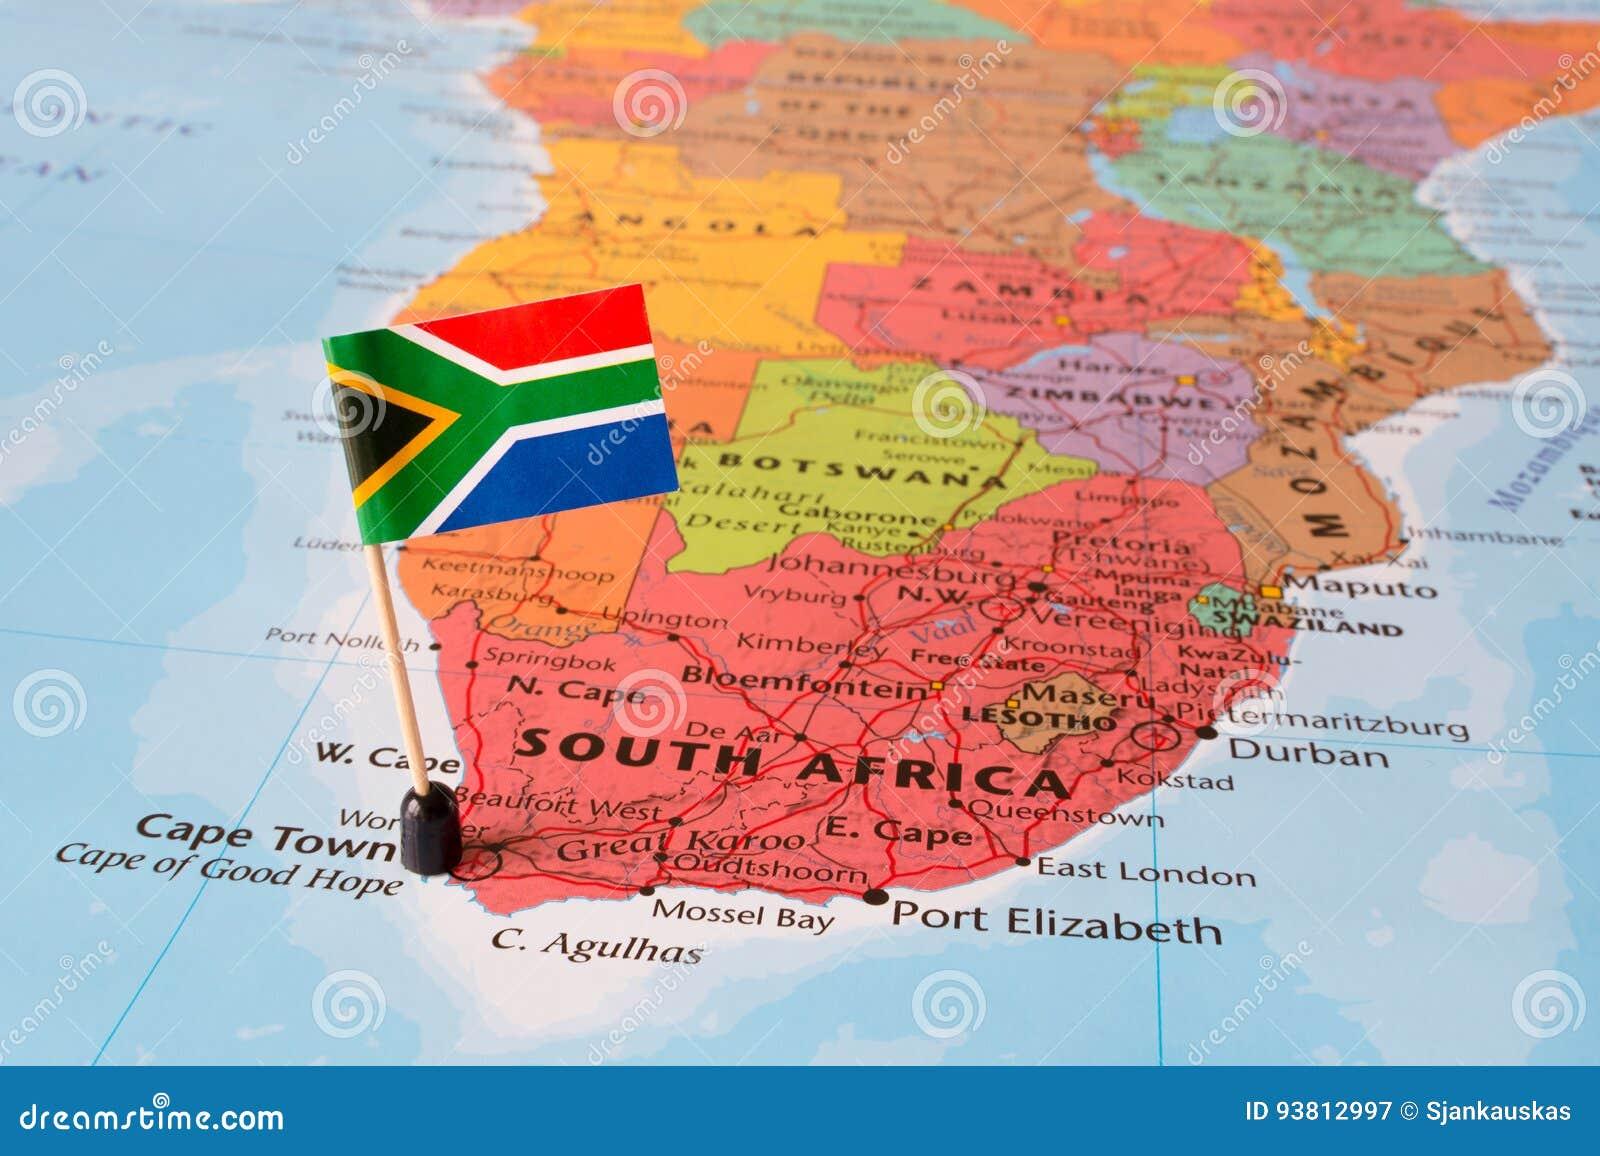 Südafrika Karte.Südafrika Karte Und Flaggenstift Stockbild Bild Von ökonomisch